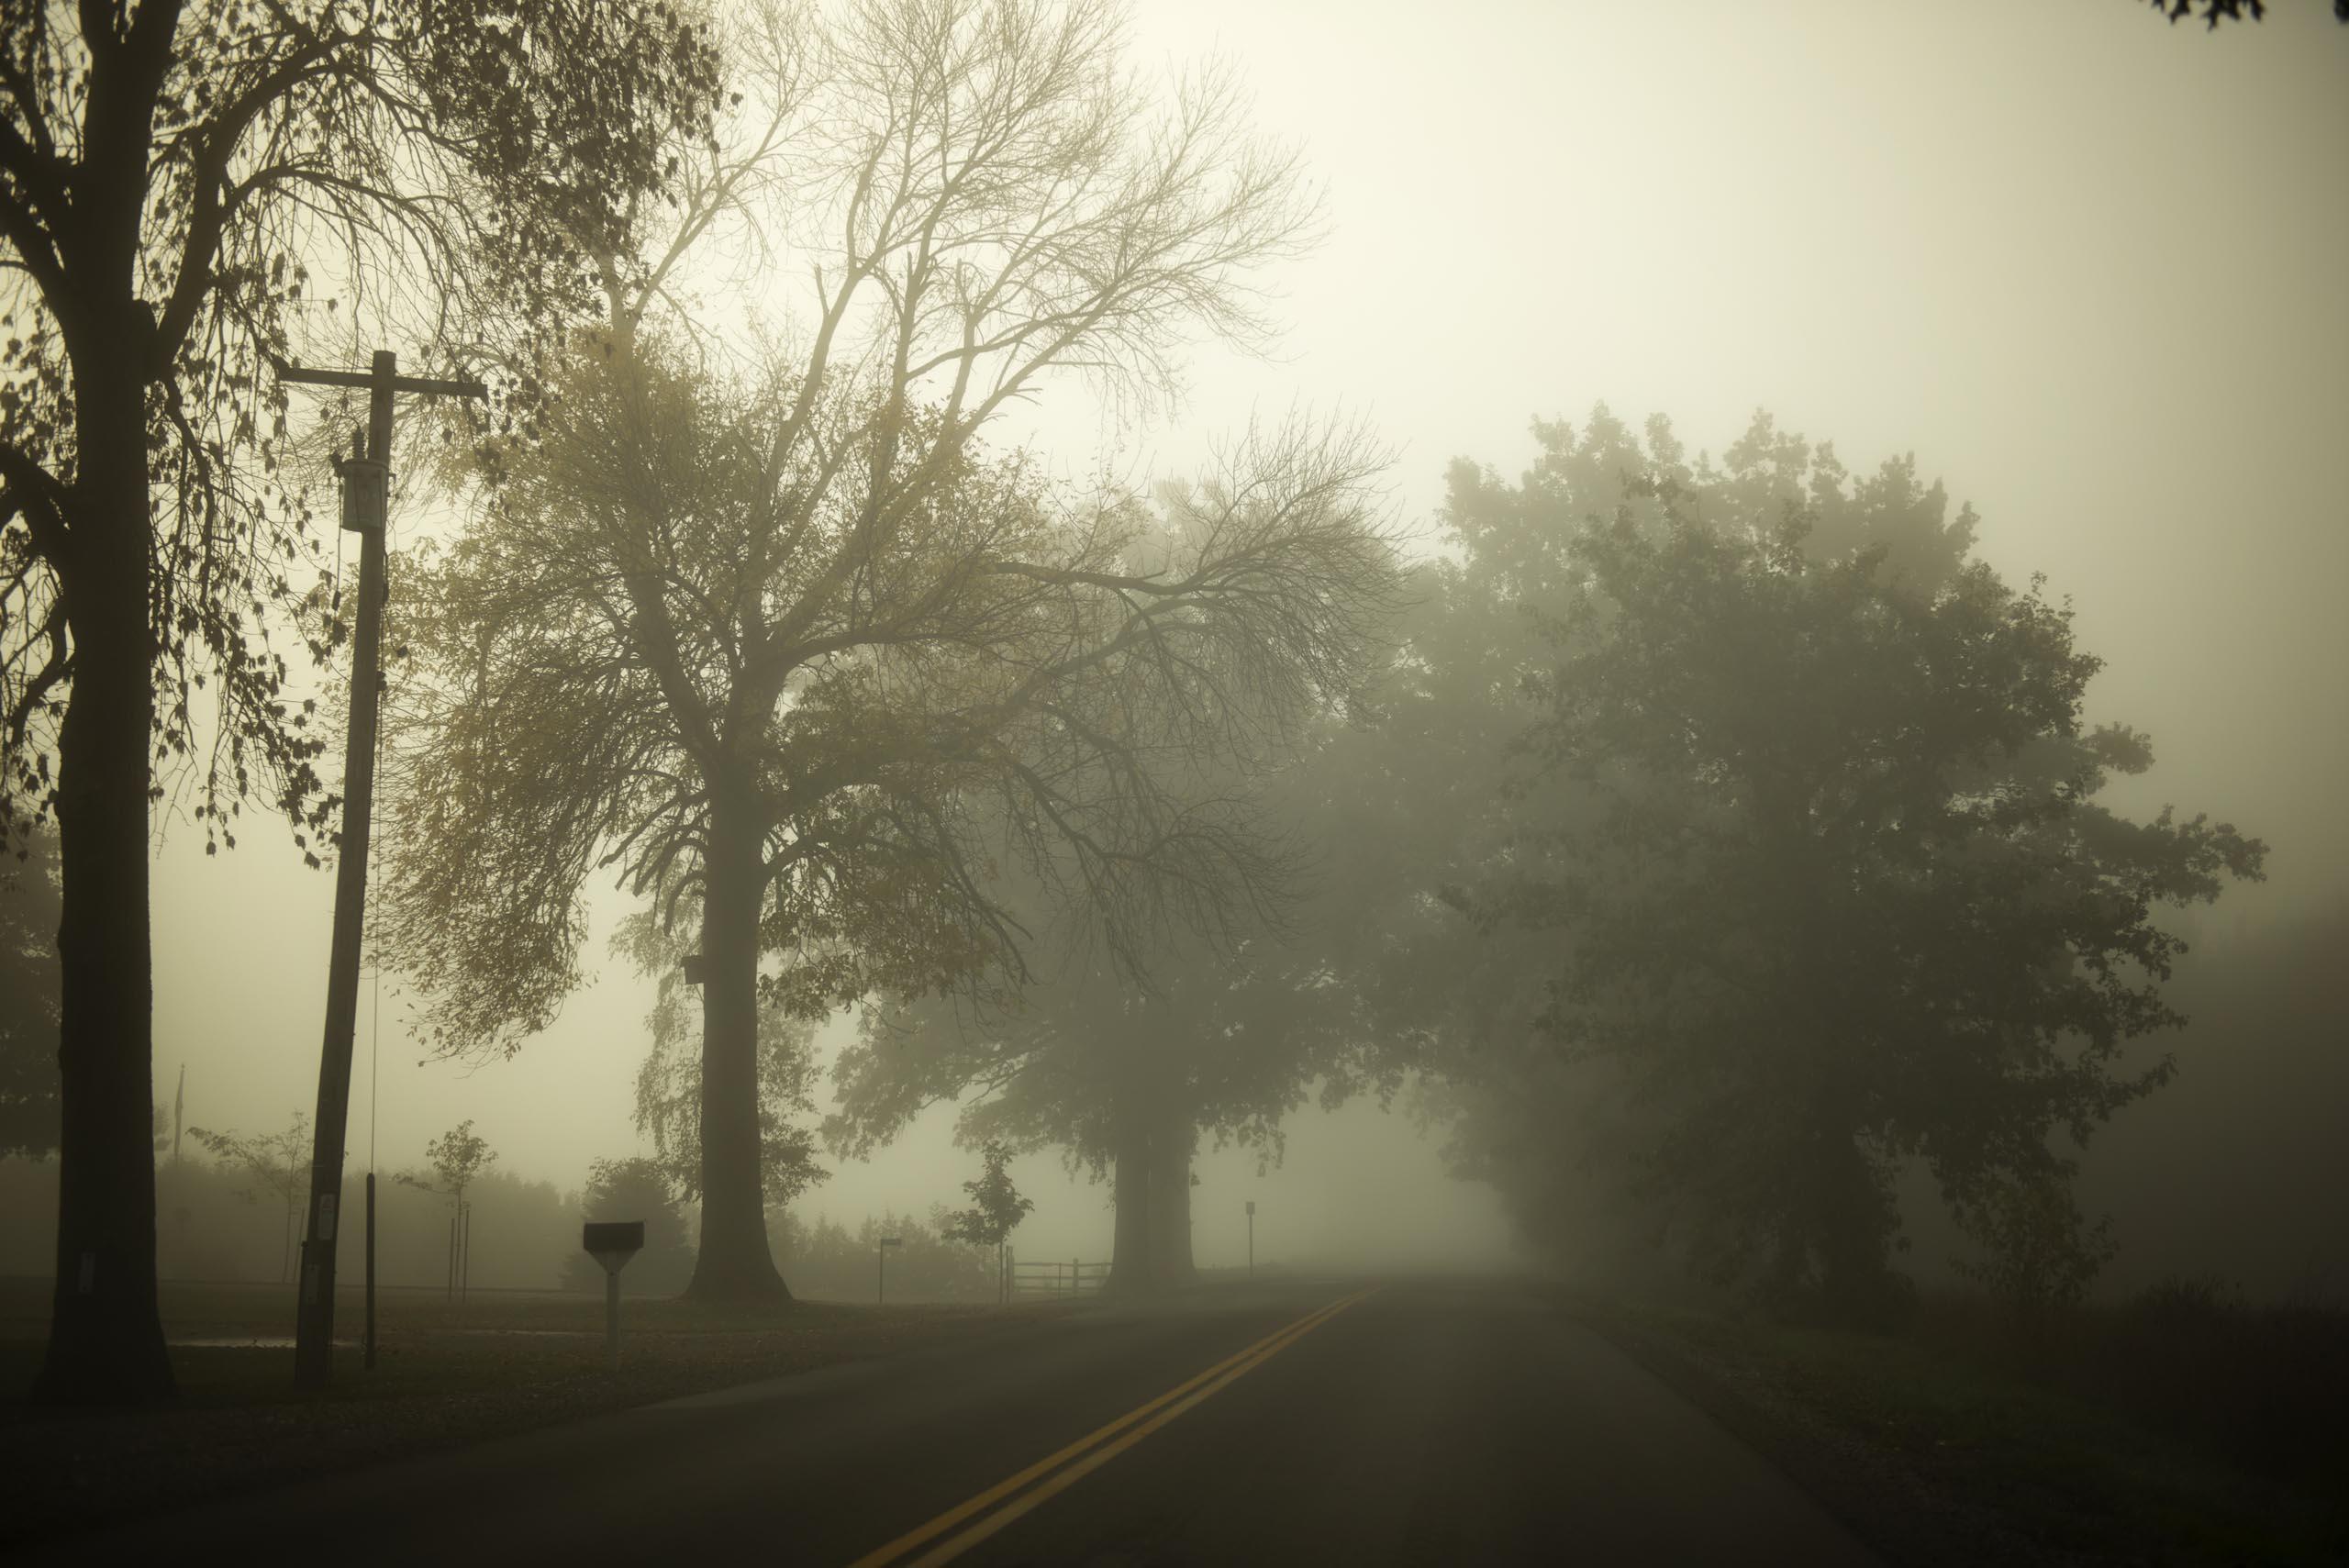 Morning Fog Tree's